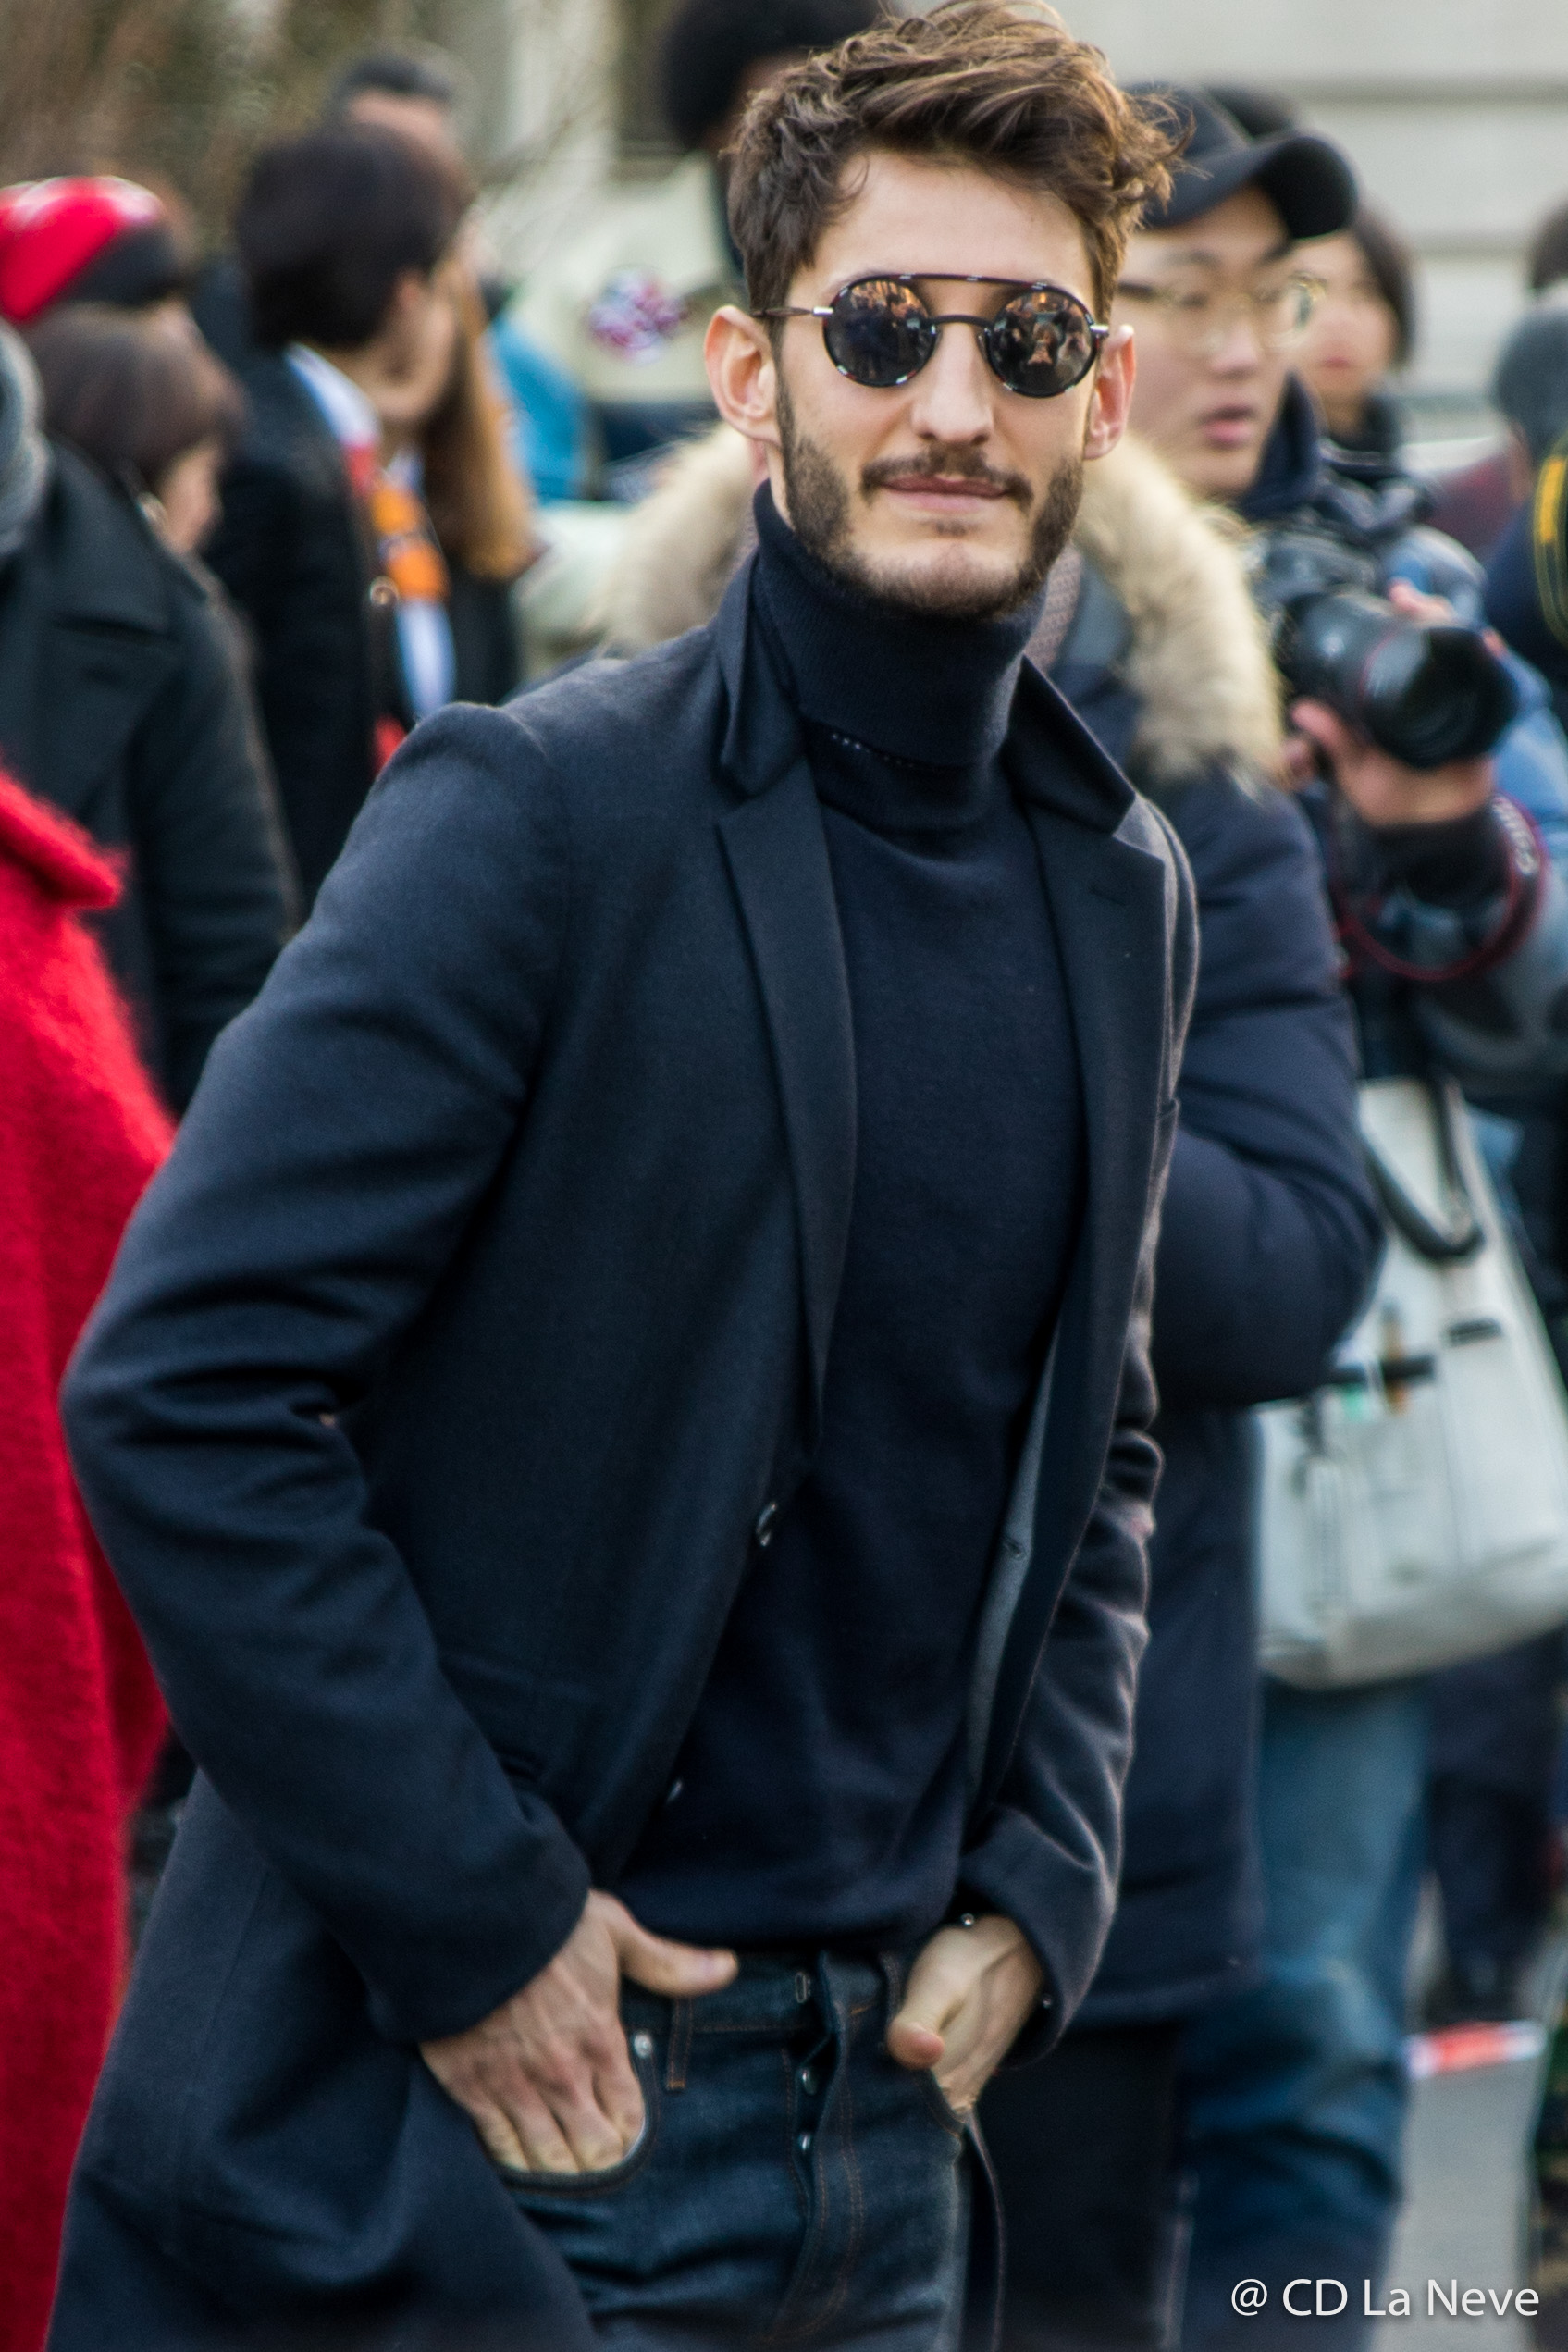 Pierre Niney PFWM Christian Dior Homme AW17